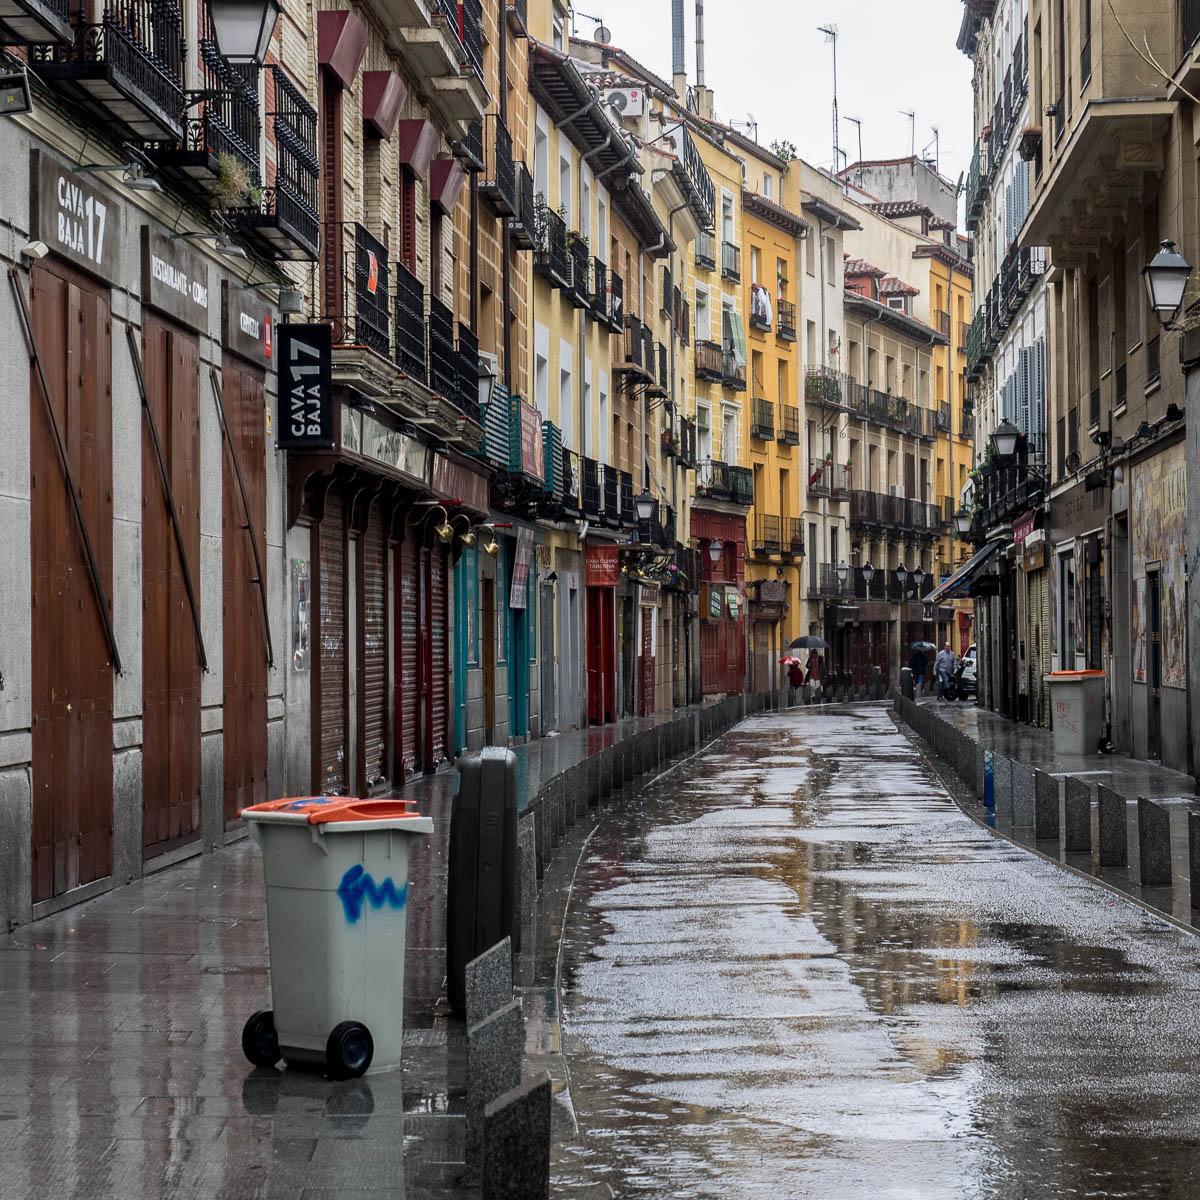 Madrid (Part 1/4) - Erste verregnete Eindrücke, 12 Bilder